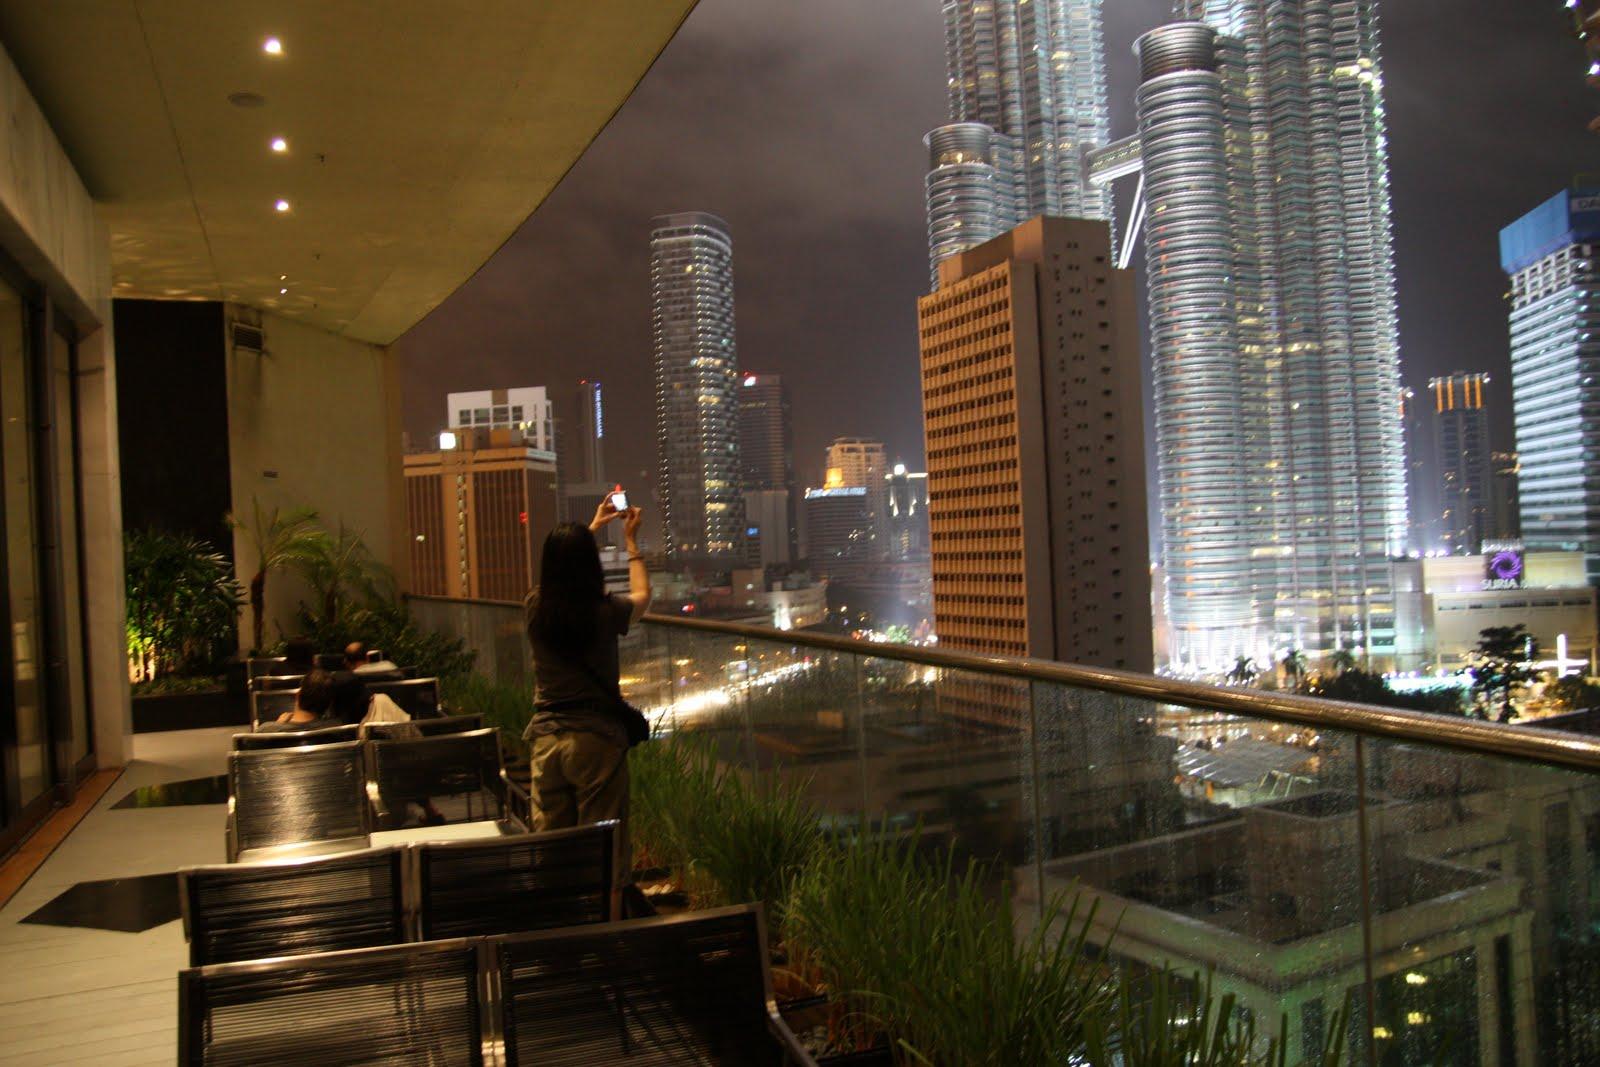 khach san an tuong tai Kuala Lumpur